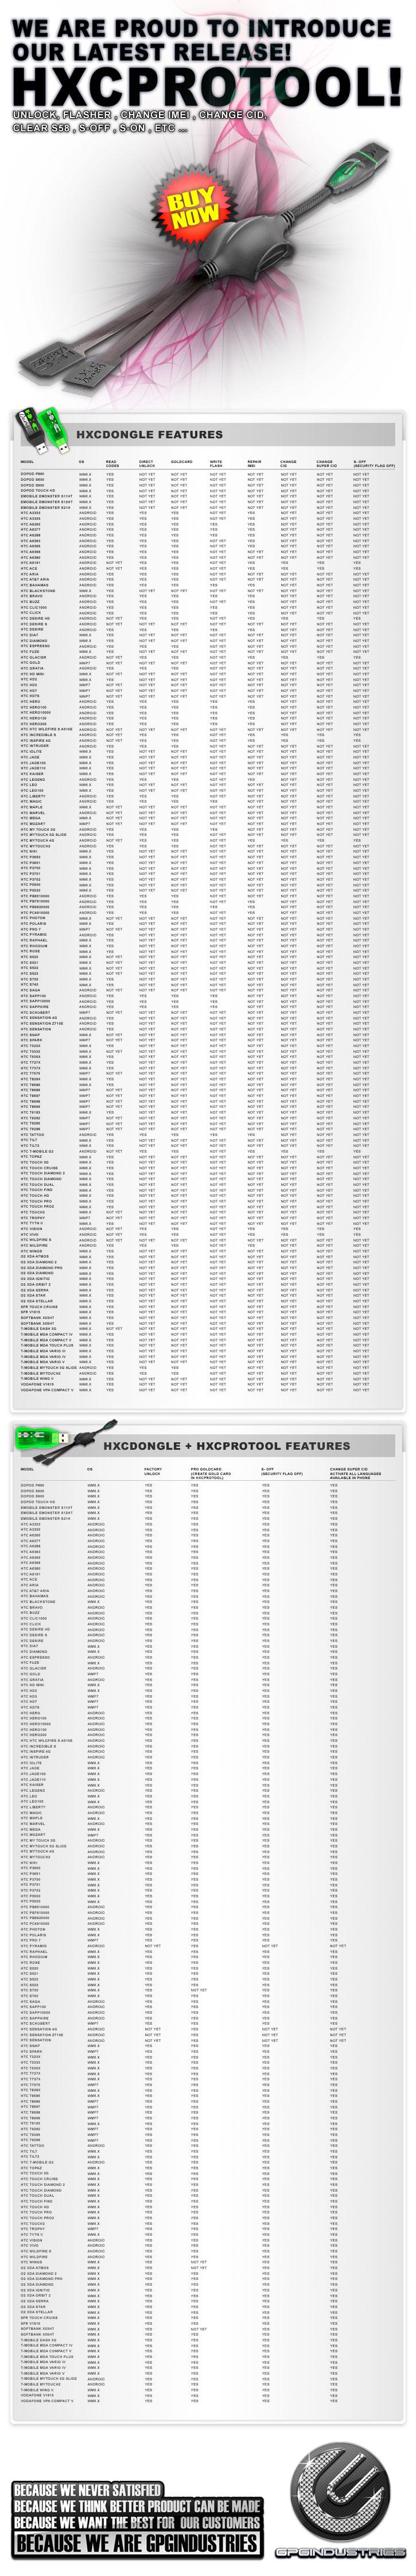 110908 hxc dongle list 2 725